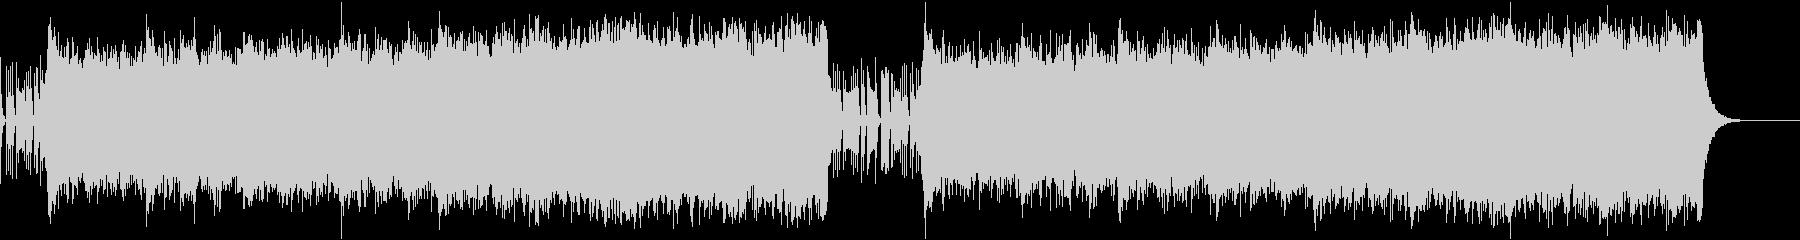 ファンタジー・オーケストラ・城の未再生の波形